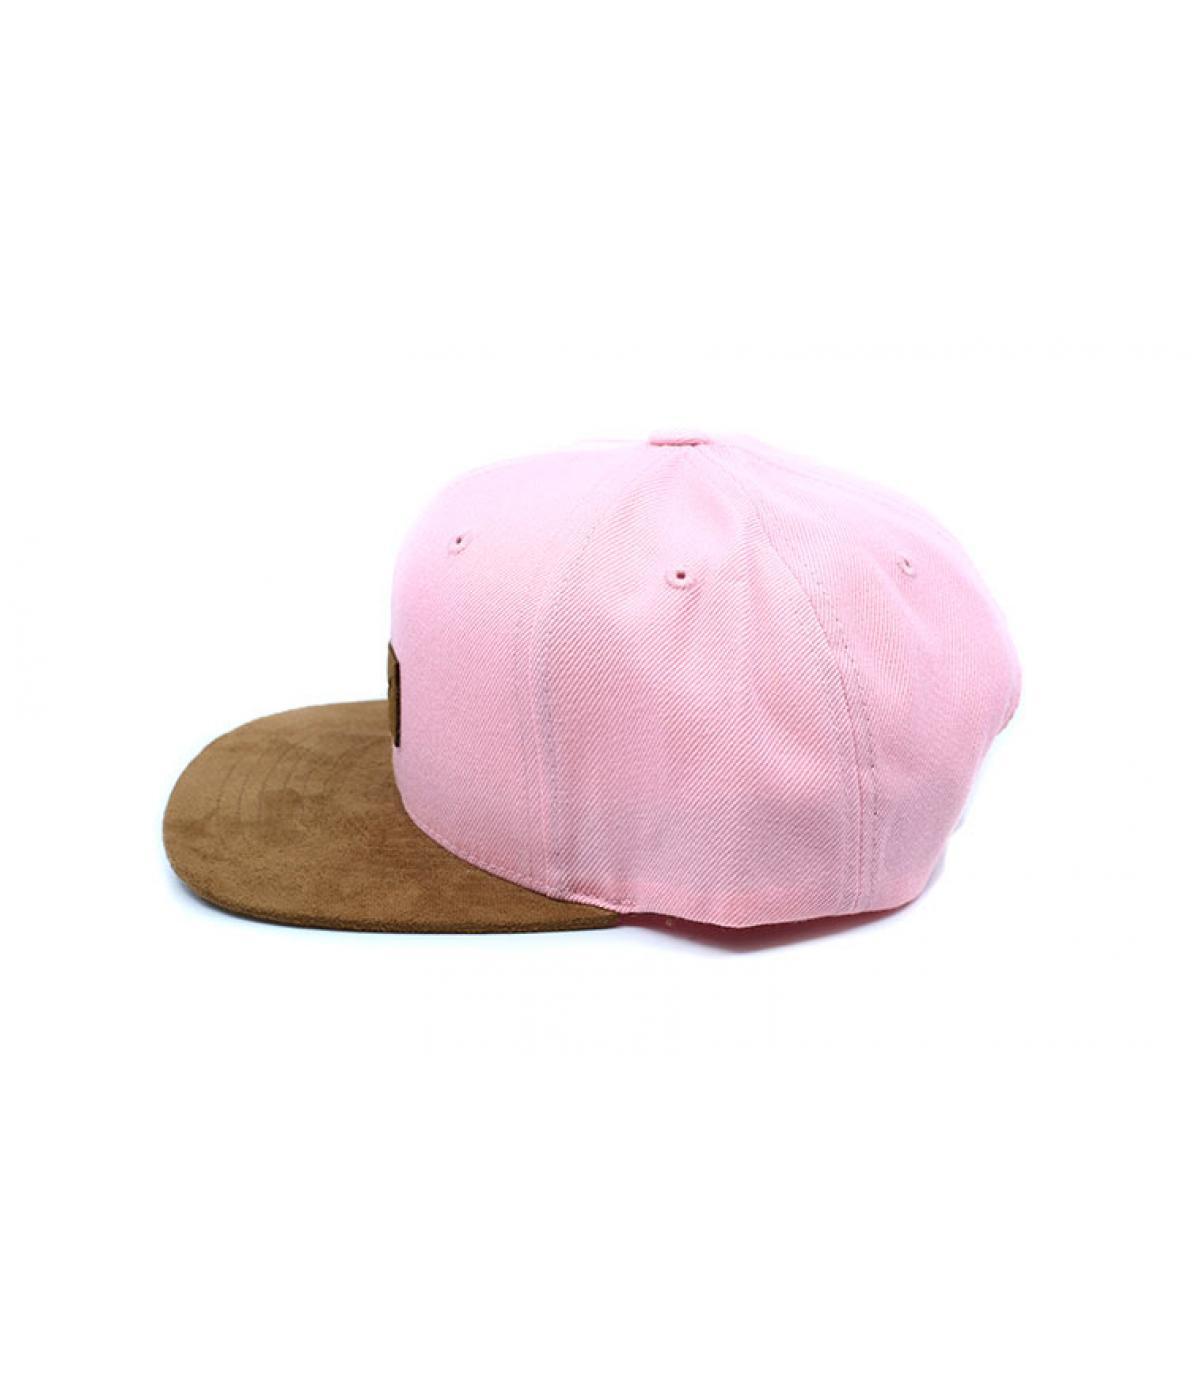 Détails Suede Cap light pink - image 4